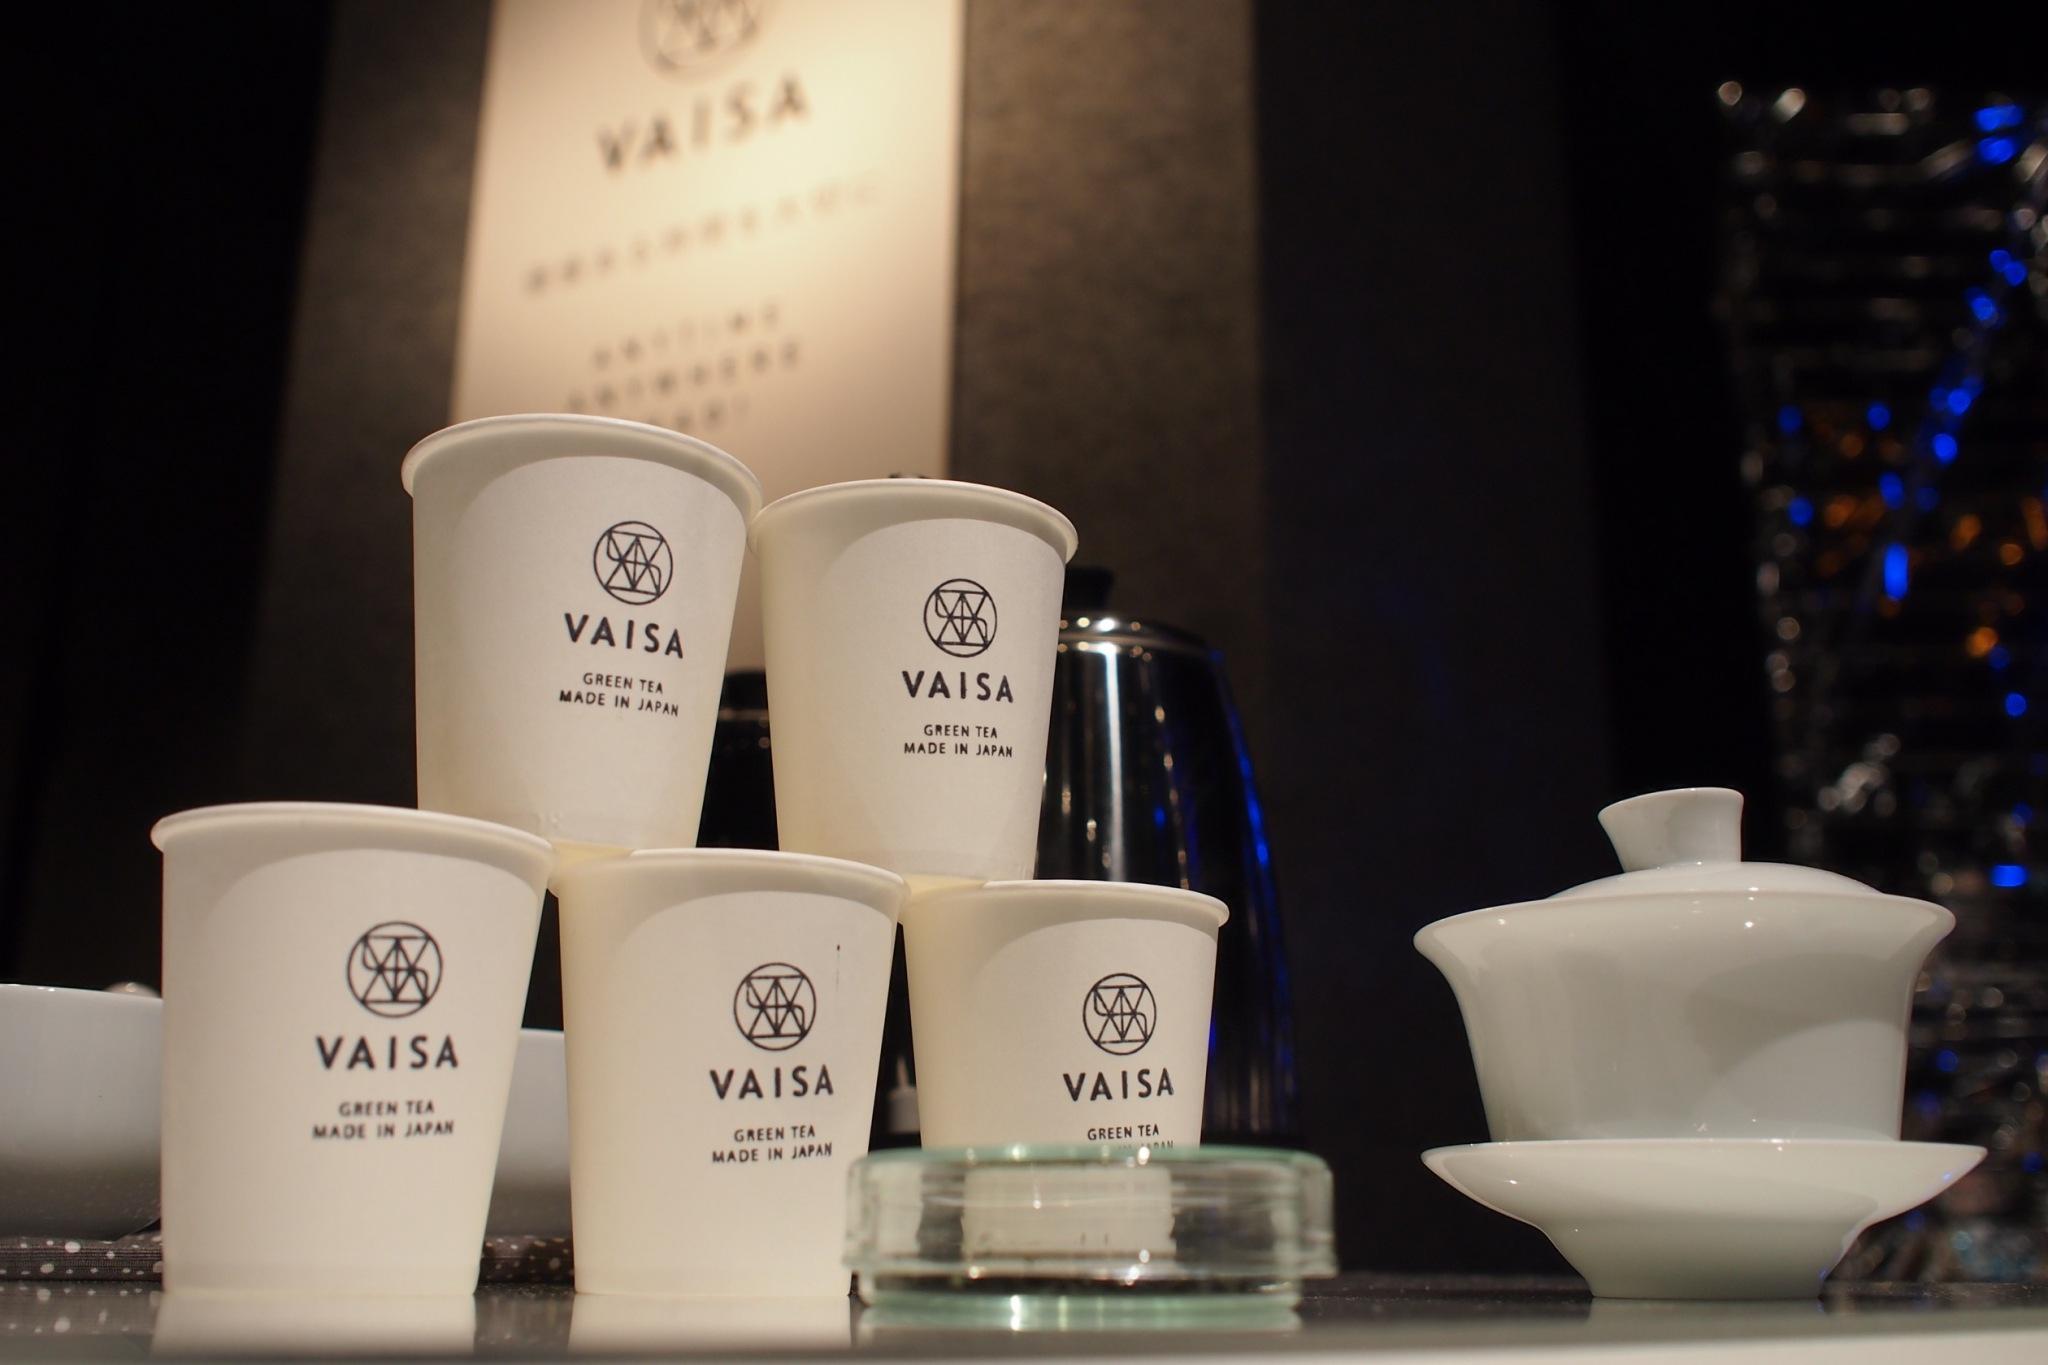 アクセサリーの展示会「lights vol.4 TOKYO」に「VAISA」を出展!